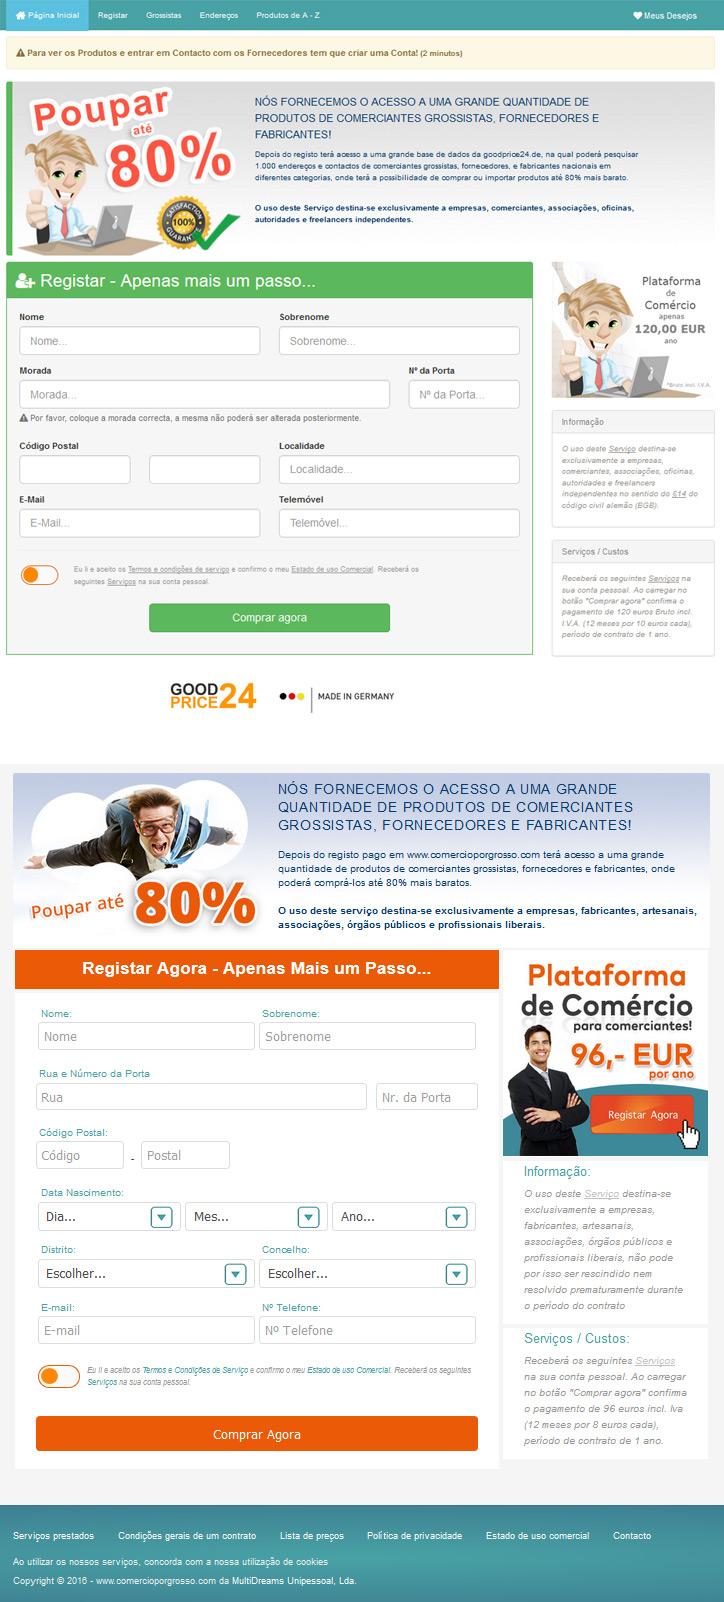 Tenta encontrar as diferenças entre o site comercioporgrosso.com e goodprice24.de